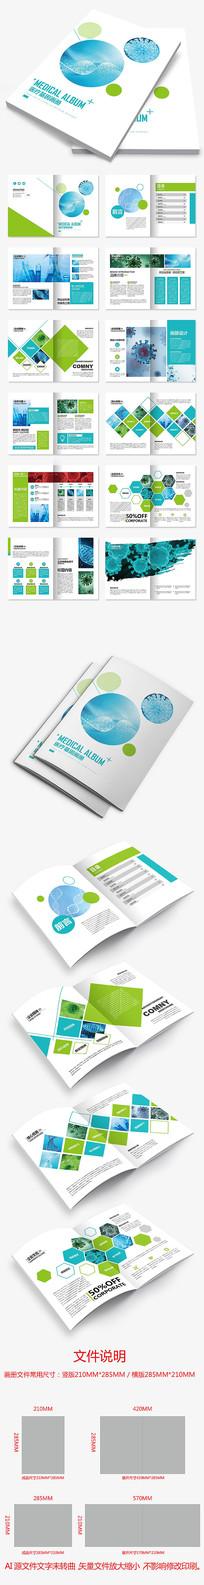 蓝绿生物科技医疗基因病毒实验医疗画册模版